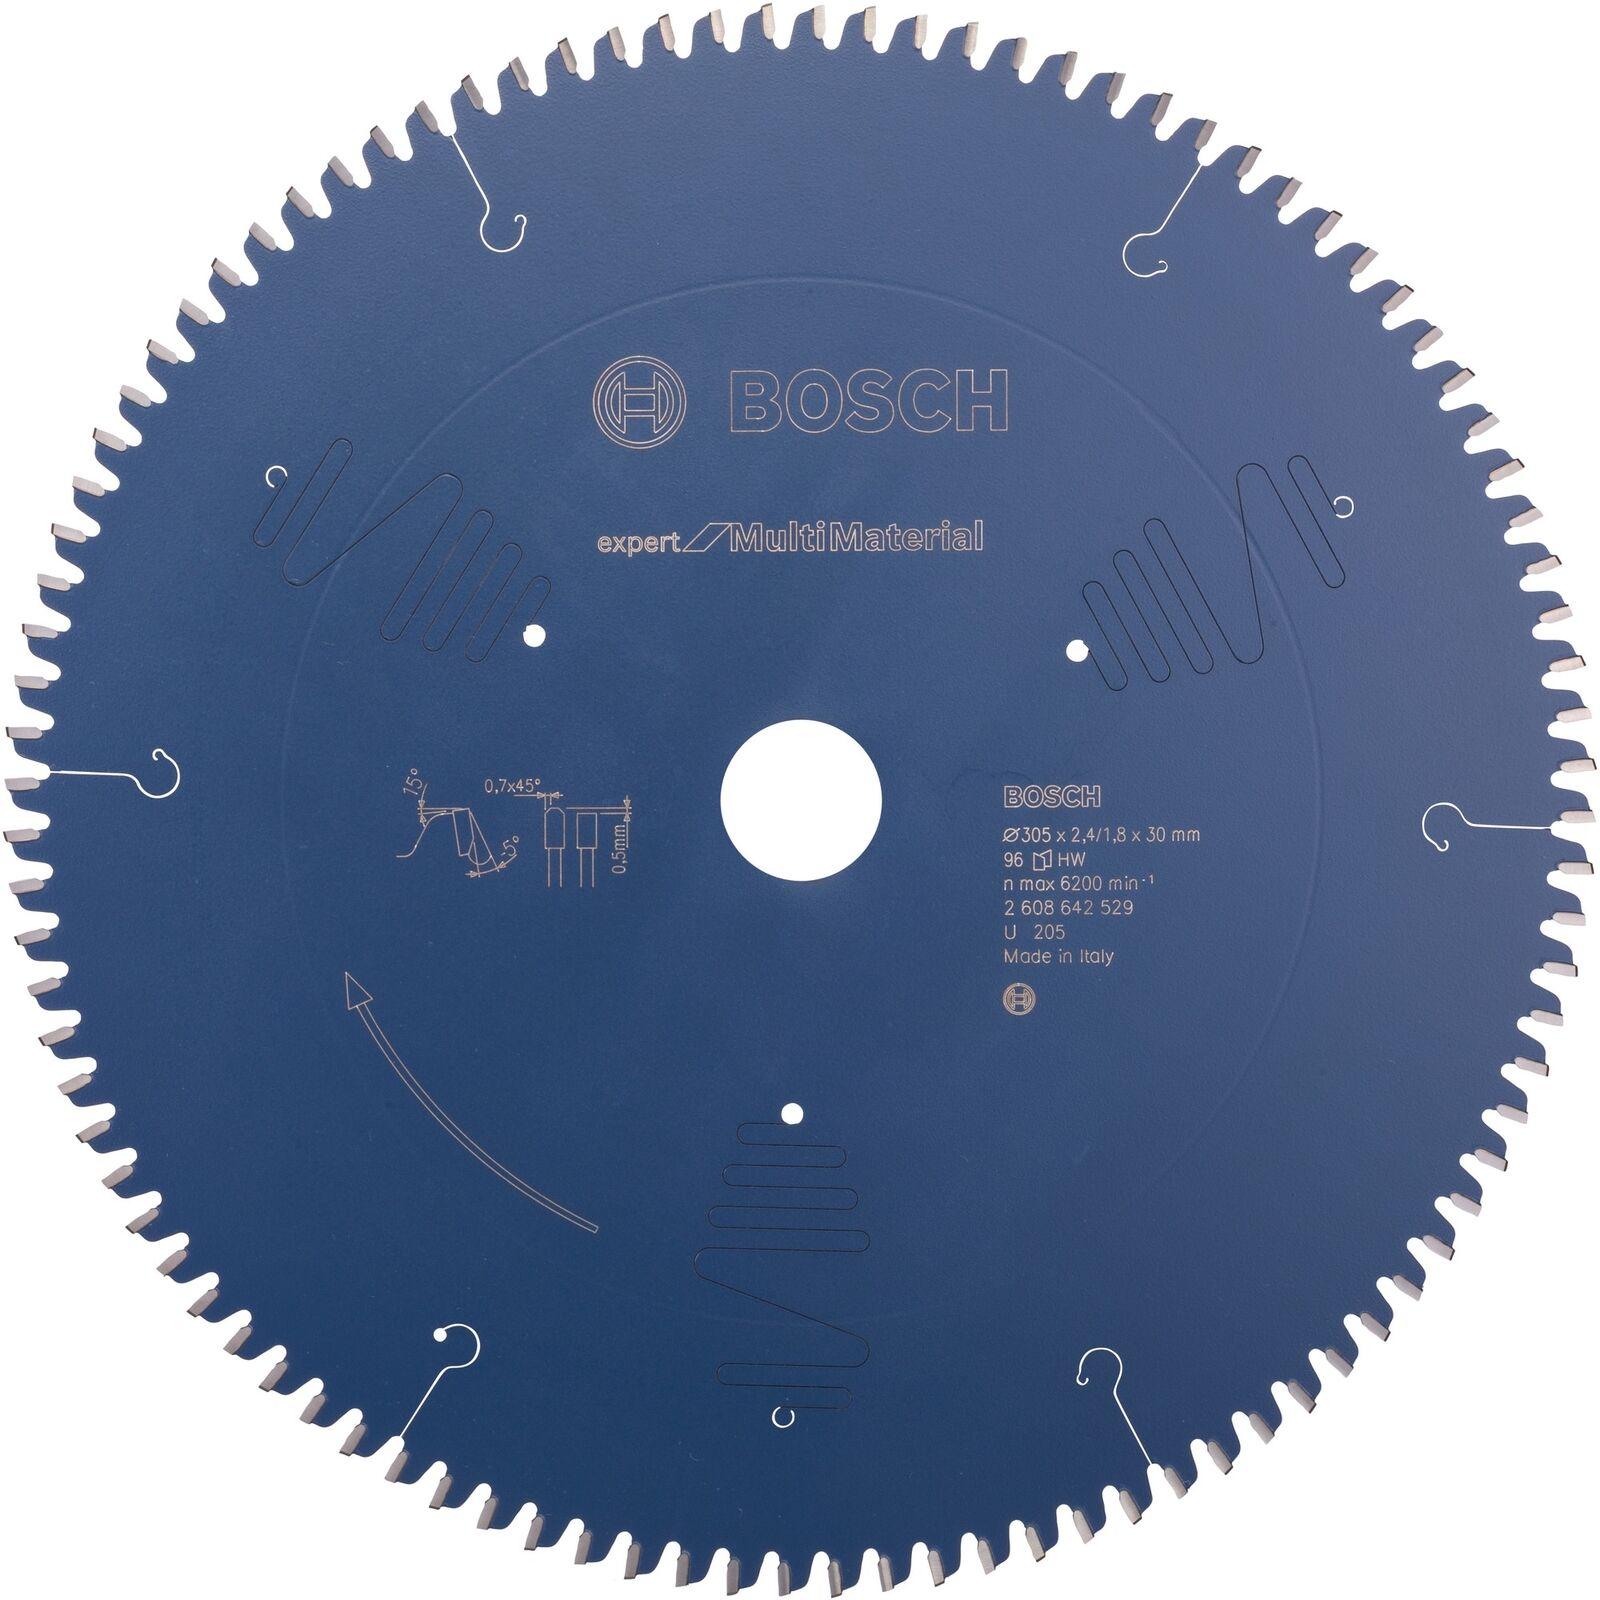 Bosch Professional Kreissägeblatt Expert for Multi Material, 305mm, Sägeblatt